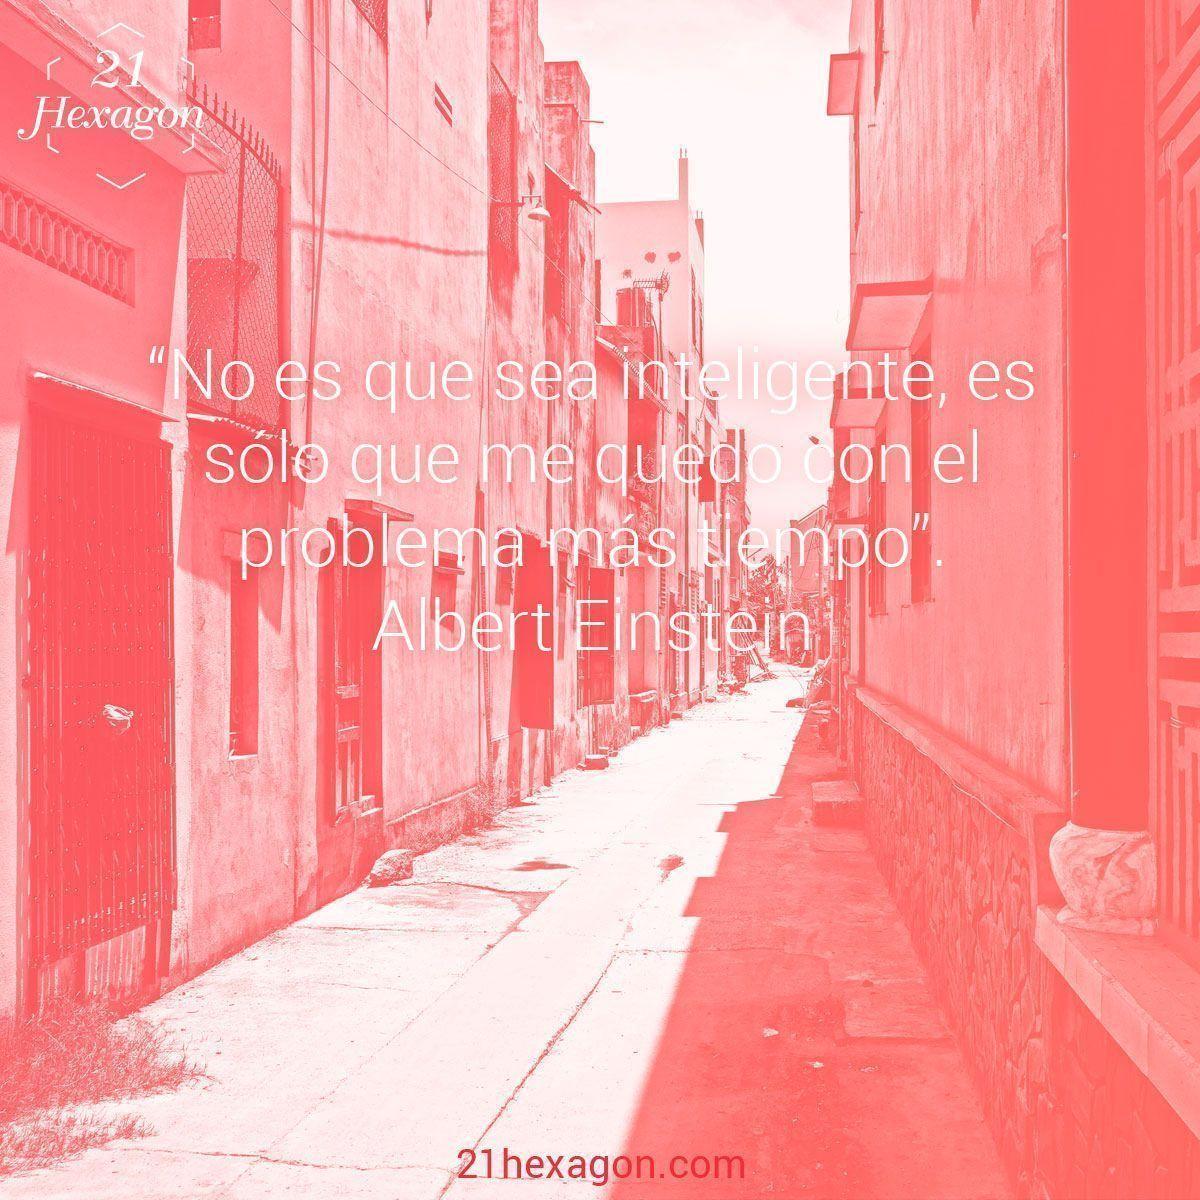 quotes_21hexagon_48.jpg